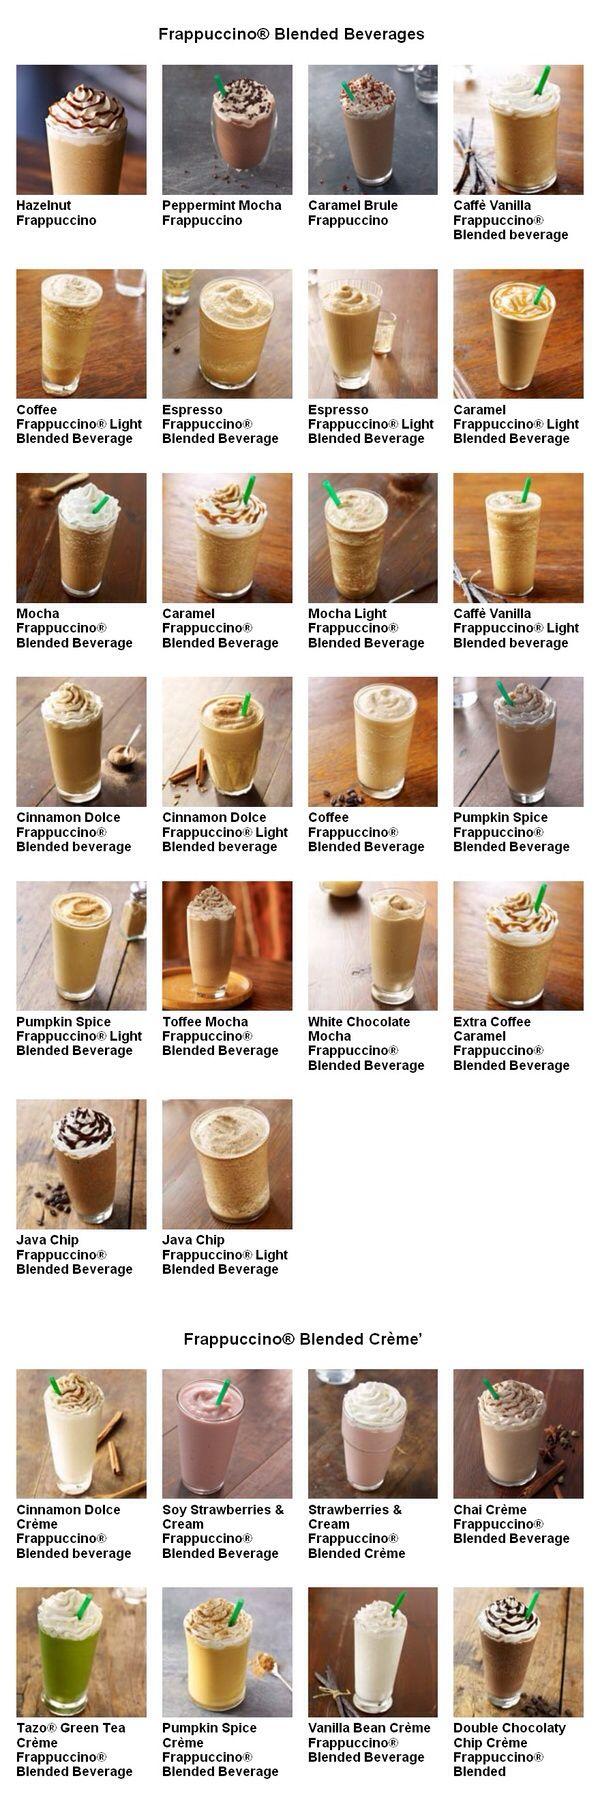 OMG Starbucks :D